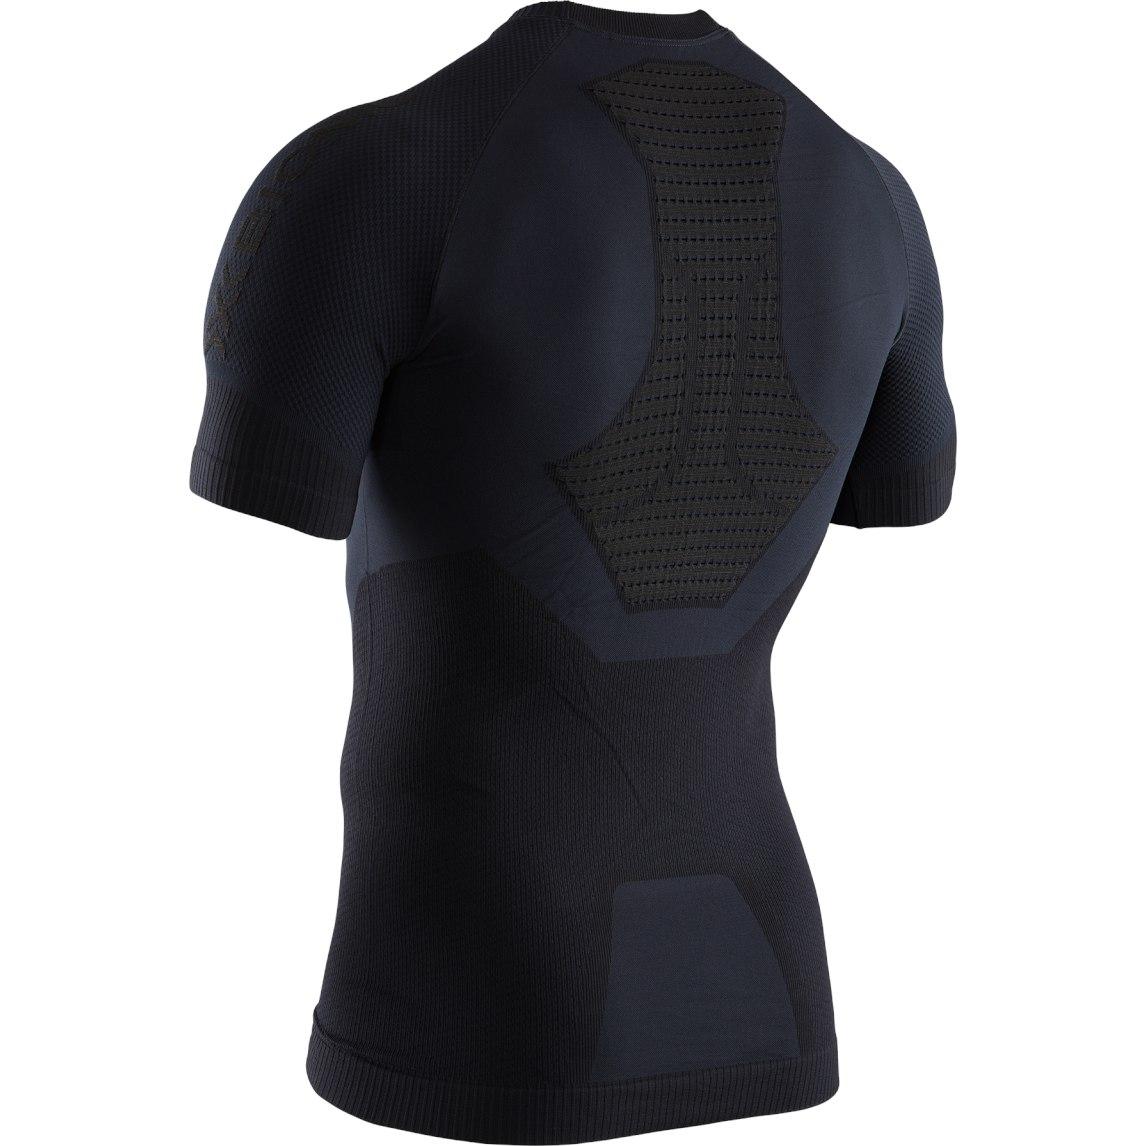 Bild von X-Bionic Invent 4.0 Run Speed Kurzarm-Laufshirt für Herren - opal black/arctic white